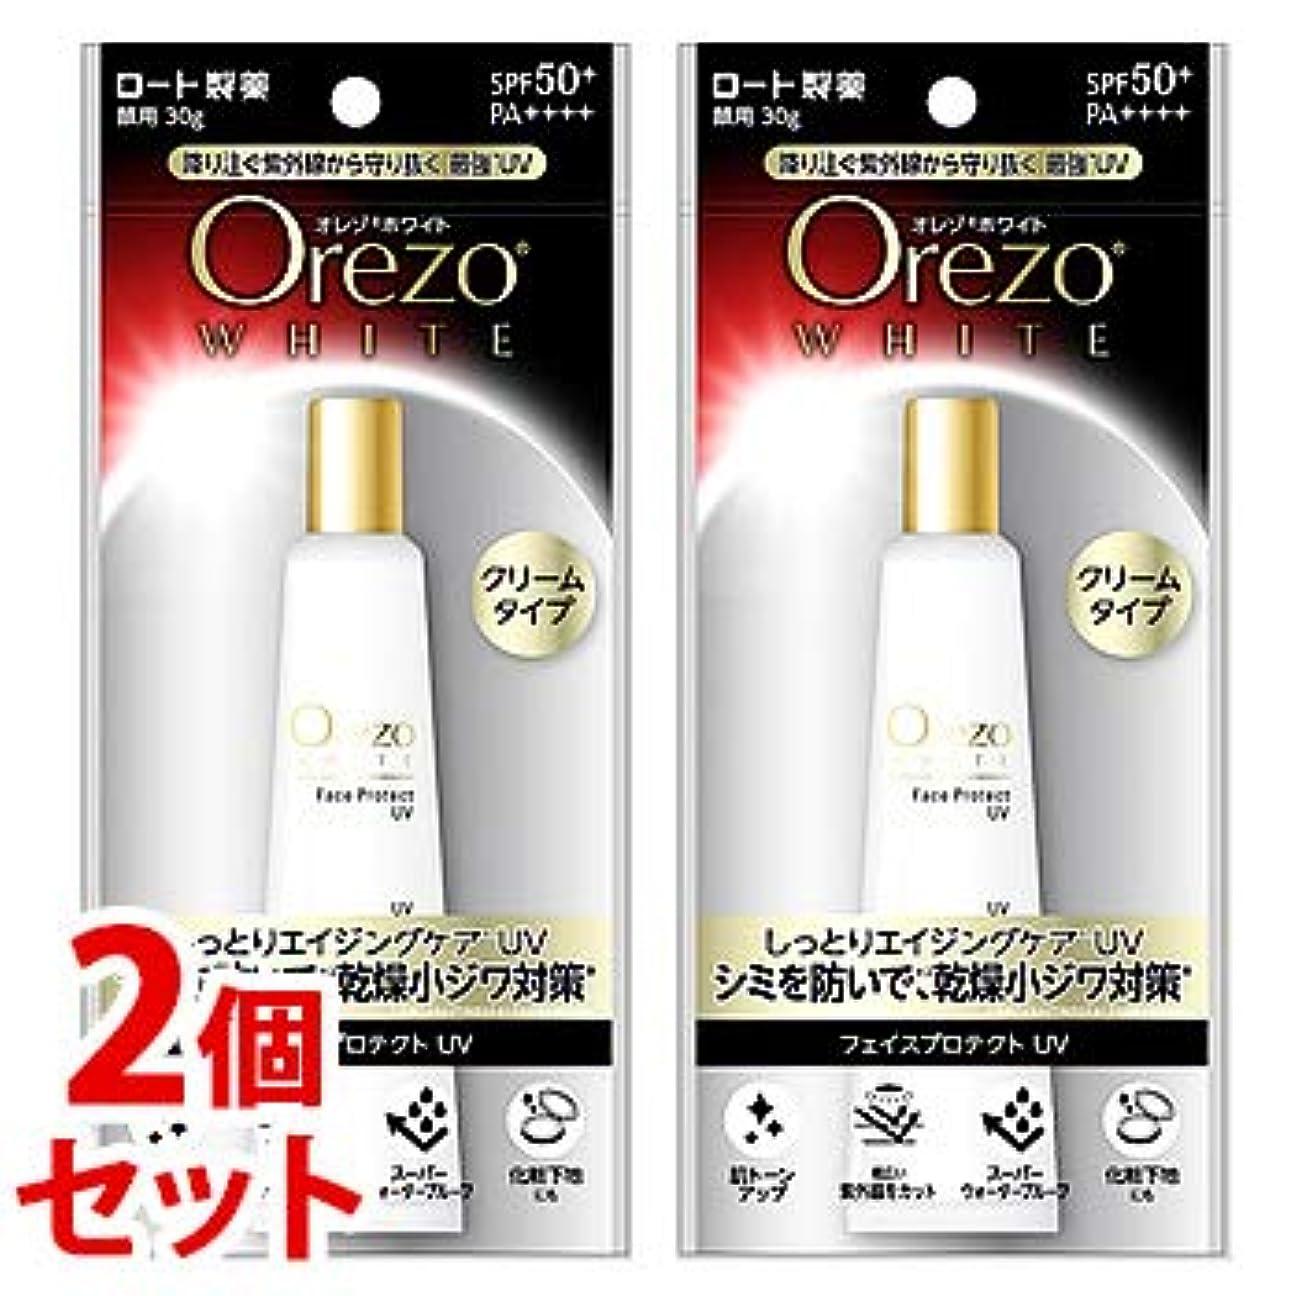 レッスン孤独な注目すべき《セット販売》 ロート製薬 Orezo オレゾ ホワイト フェイスプロテクトUV SPF50+ PA++++ (30g)×2個セット 顔用 日やけ止め 化粧下地 クリームタイプ